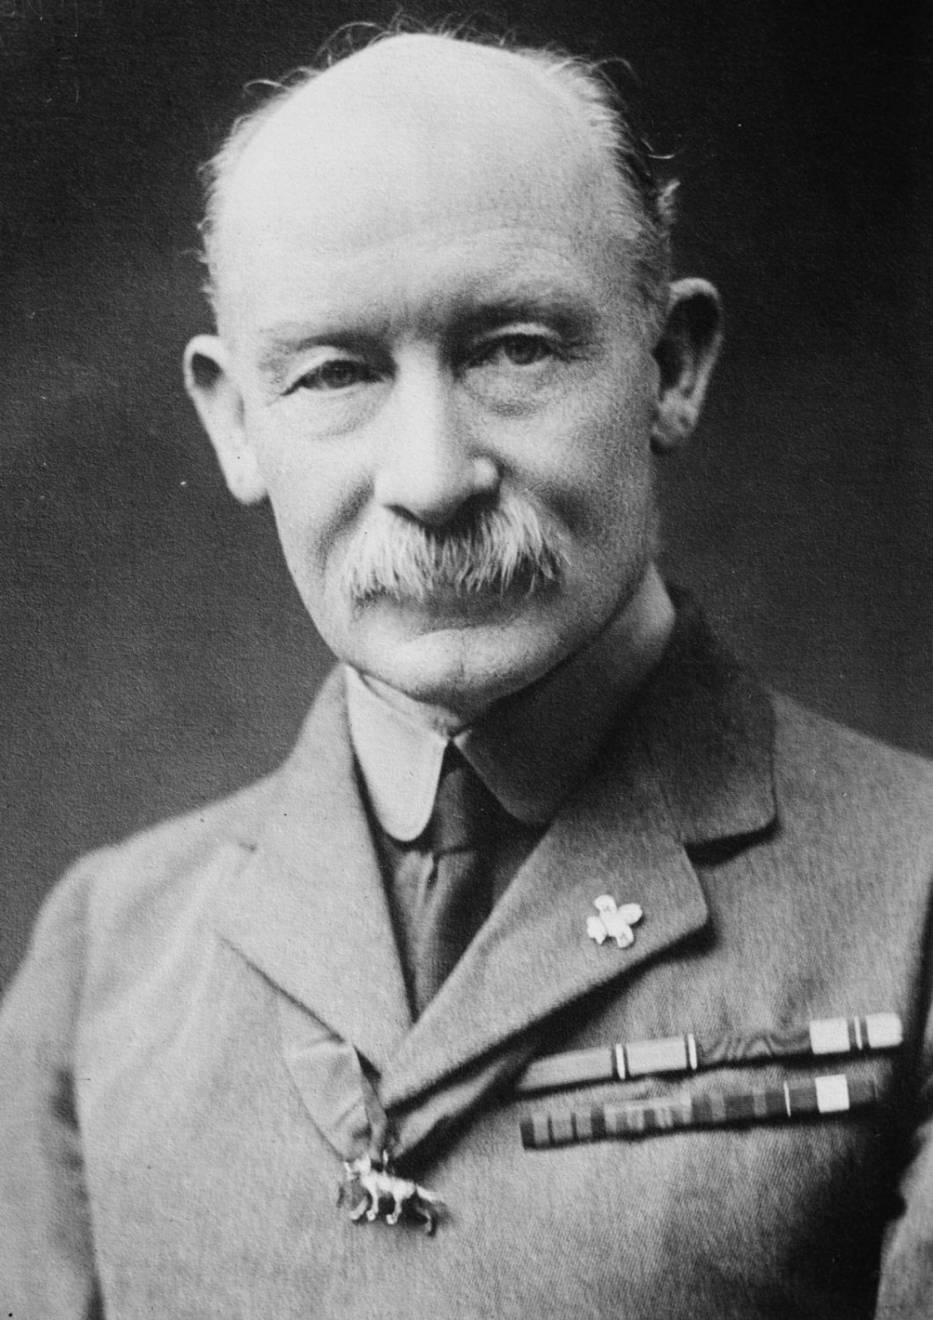 Generał Baden Powell - obraz pochodzący z zasobów Biblioteki Kongresu Stanów Zjednoczonych